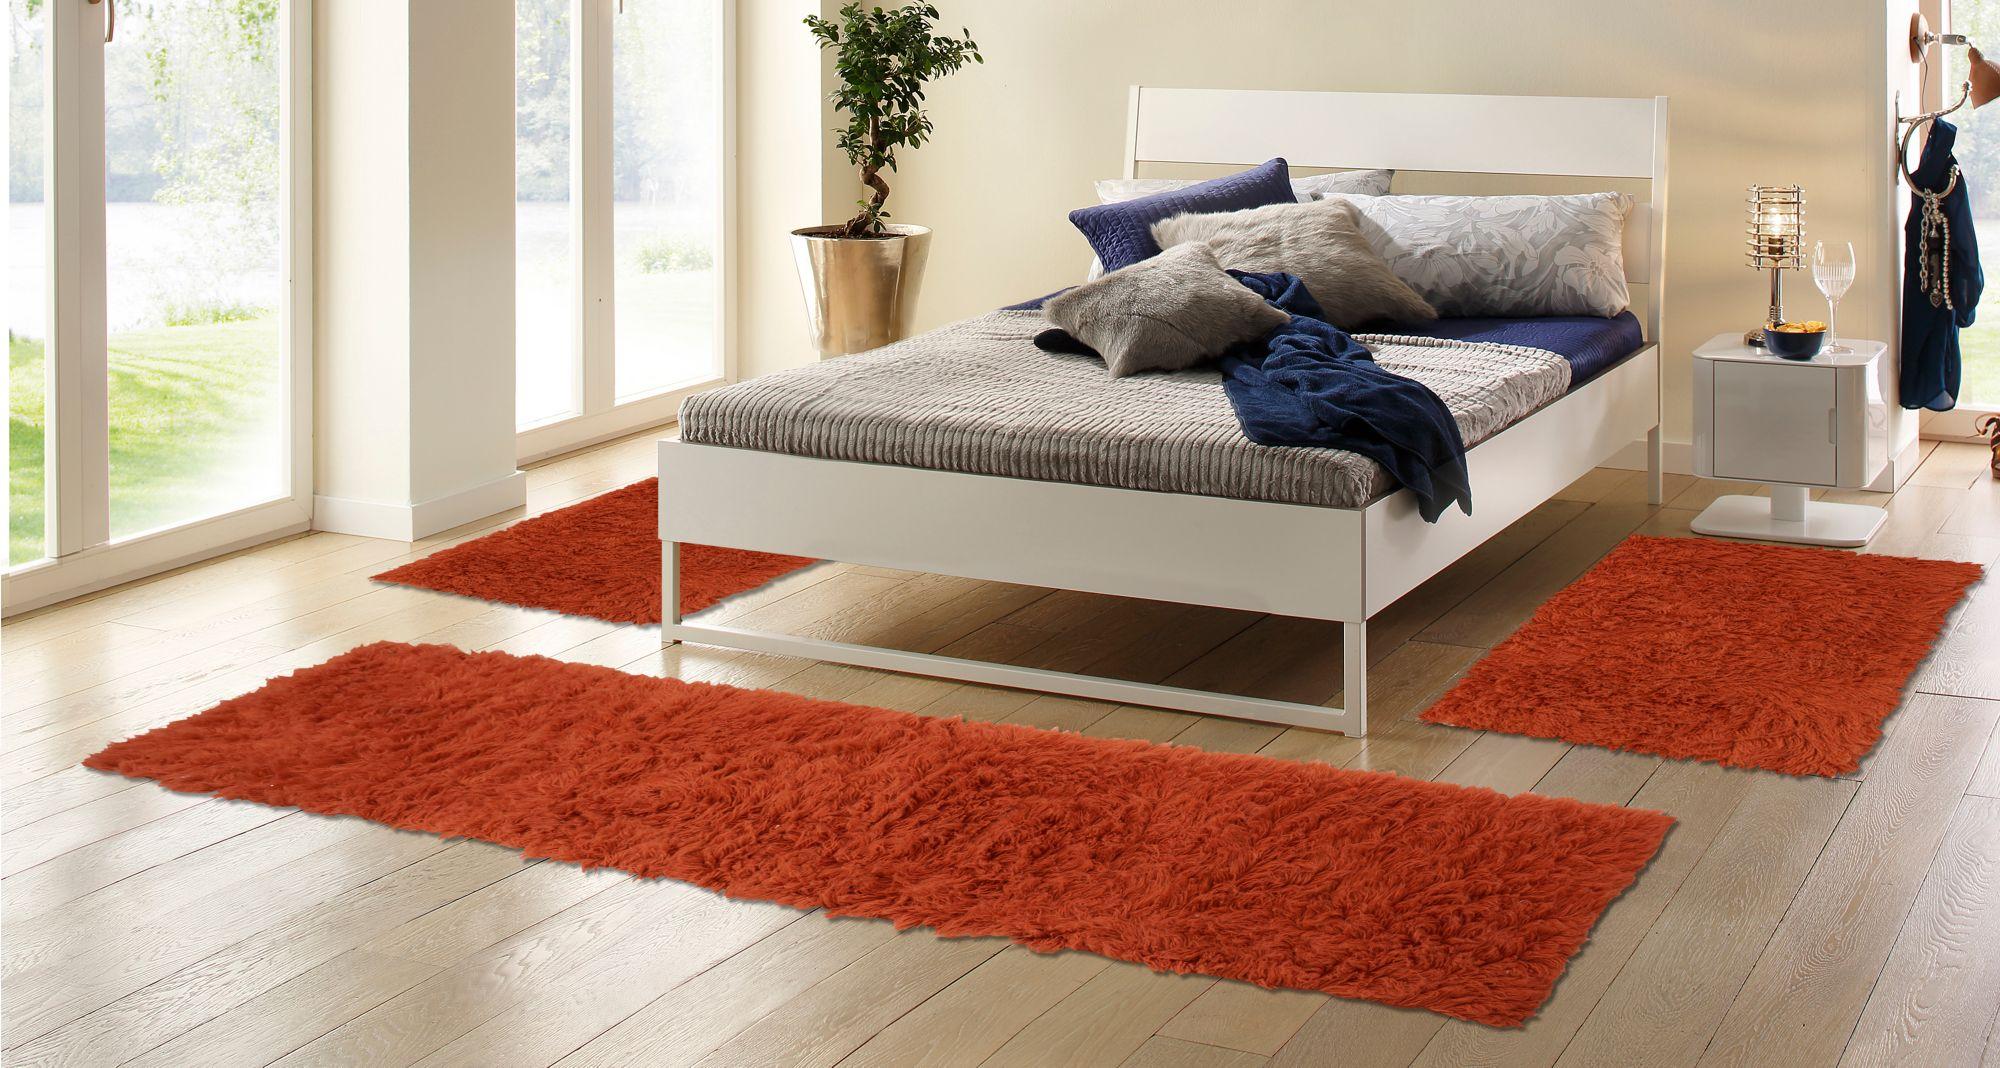 BÖING CARPET Bettumrandung, Böing Carpet, »Flokati 1500 g«, handgearbeitet, Wolle (3-tlg.)